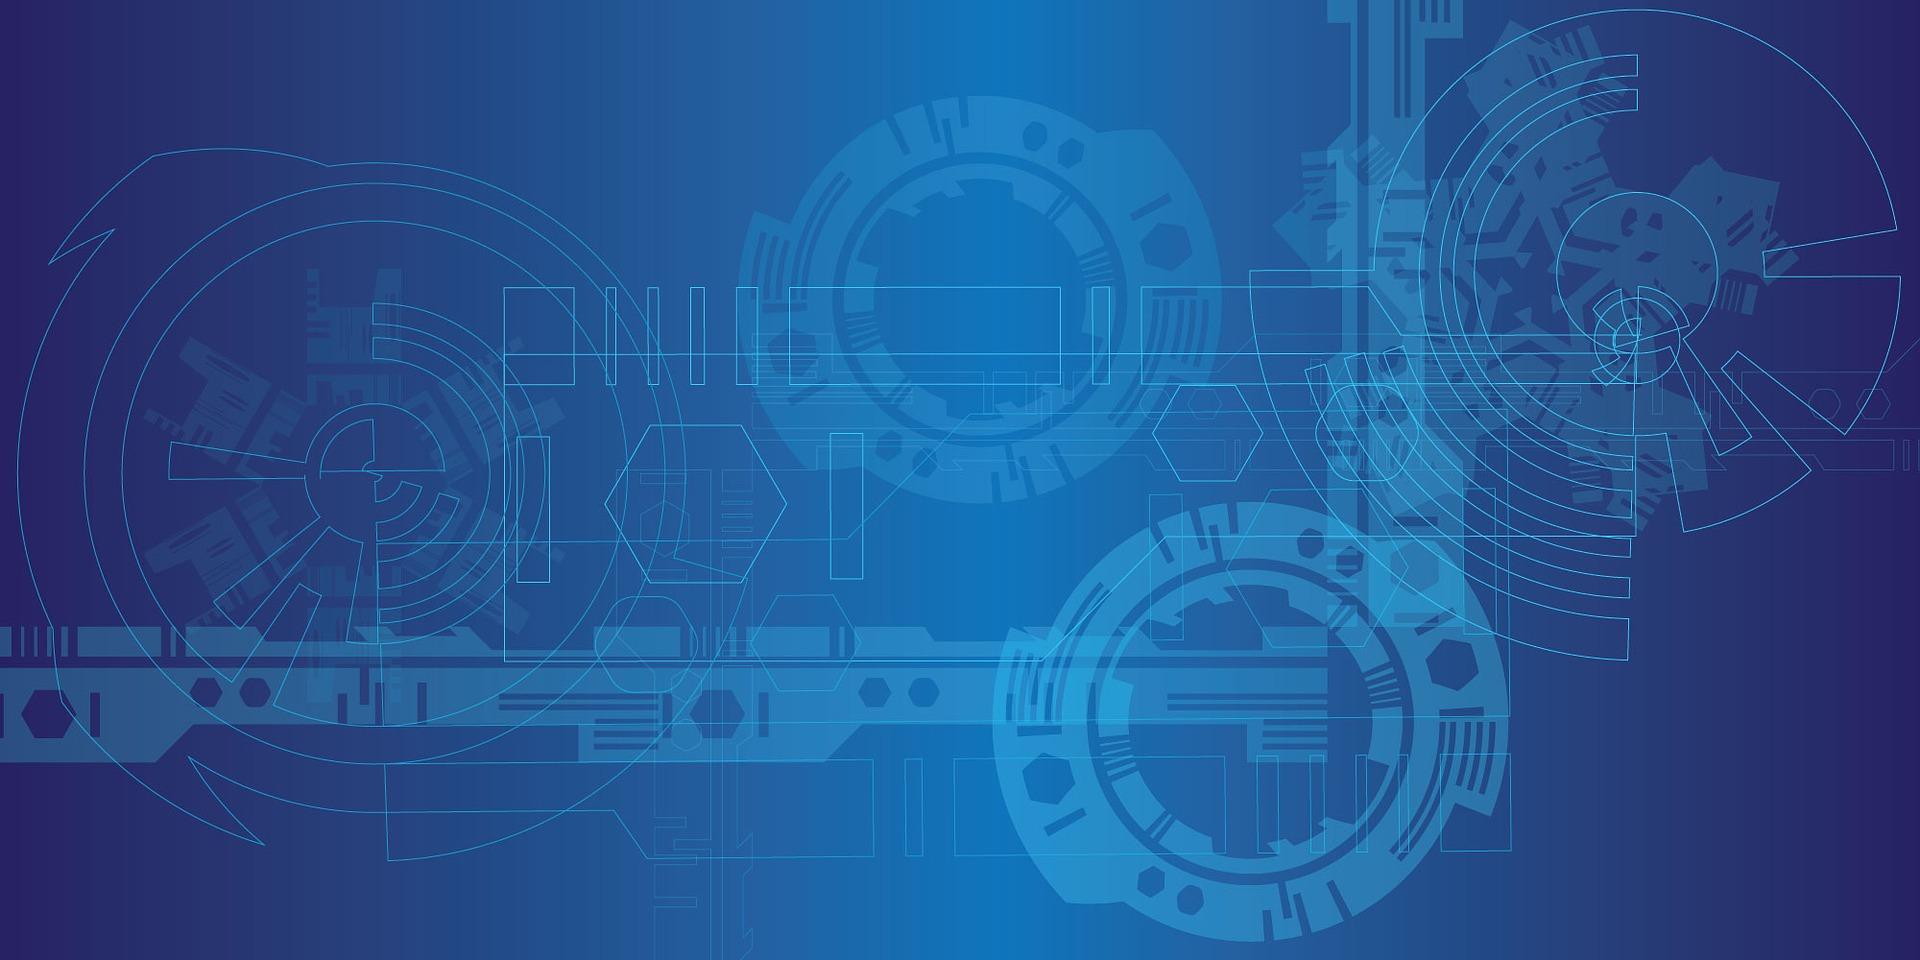 ОДК (Ростех) внедряет технологии цифрового двойника в разработку газотурбинных двигателей